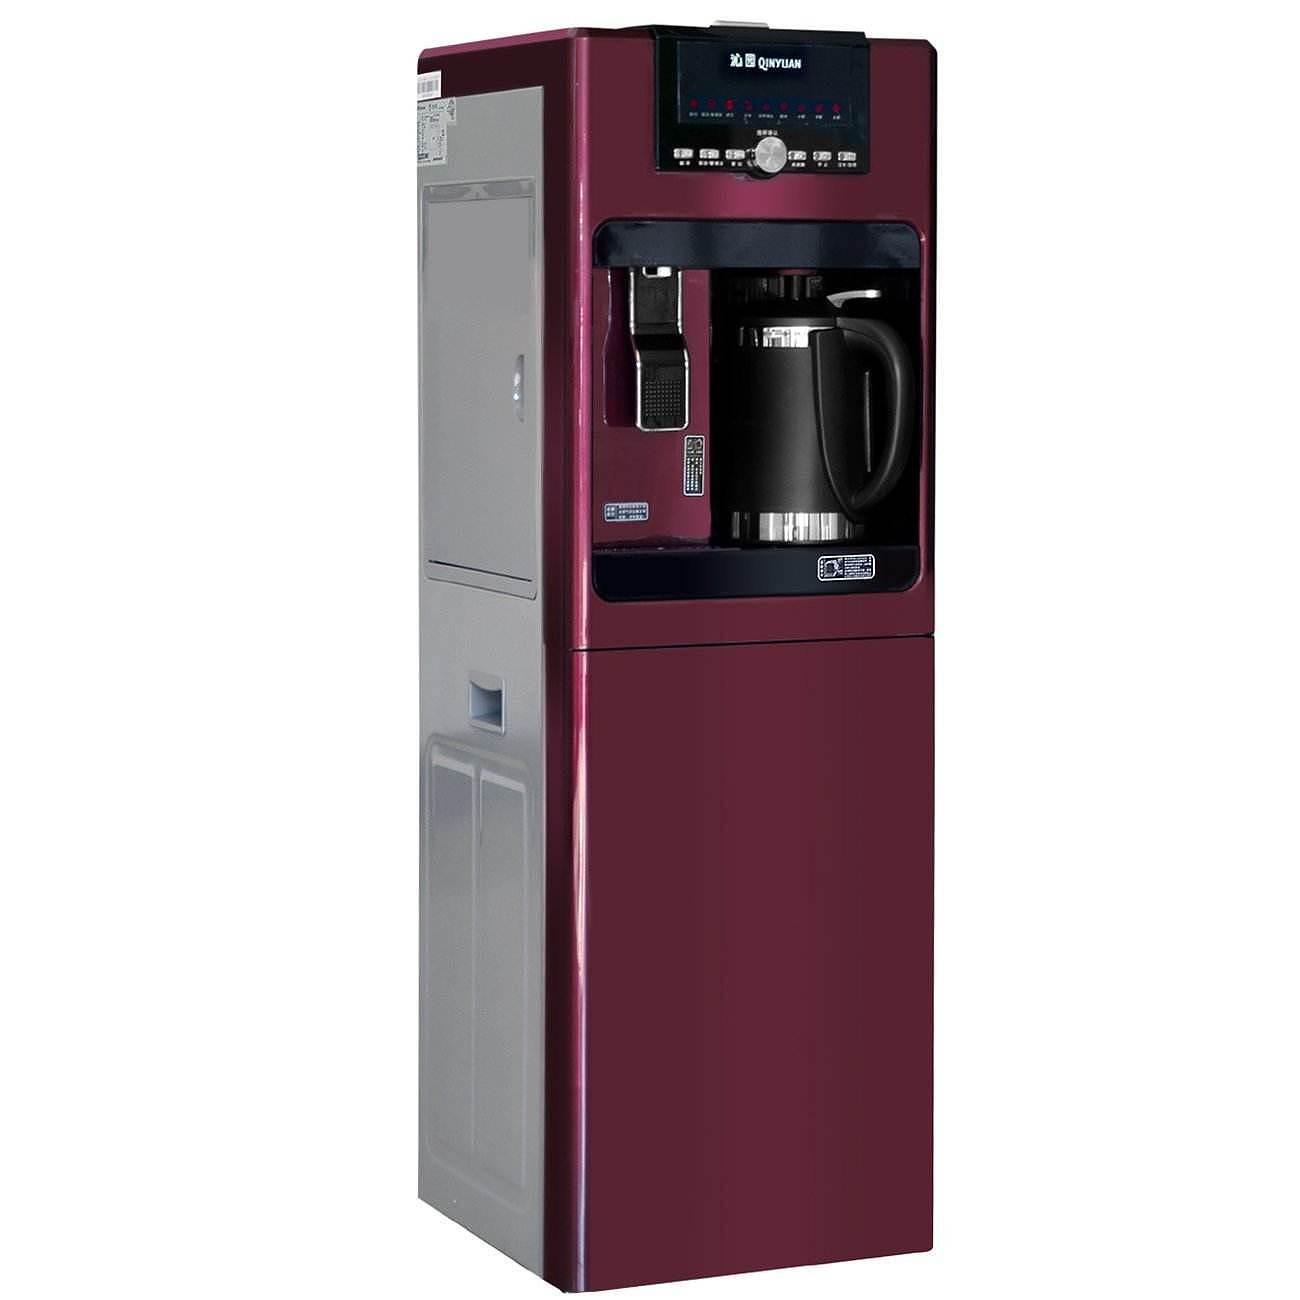 生活小常识:新饮水机怎么清洗